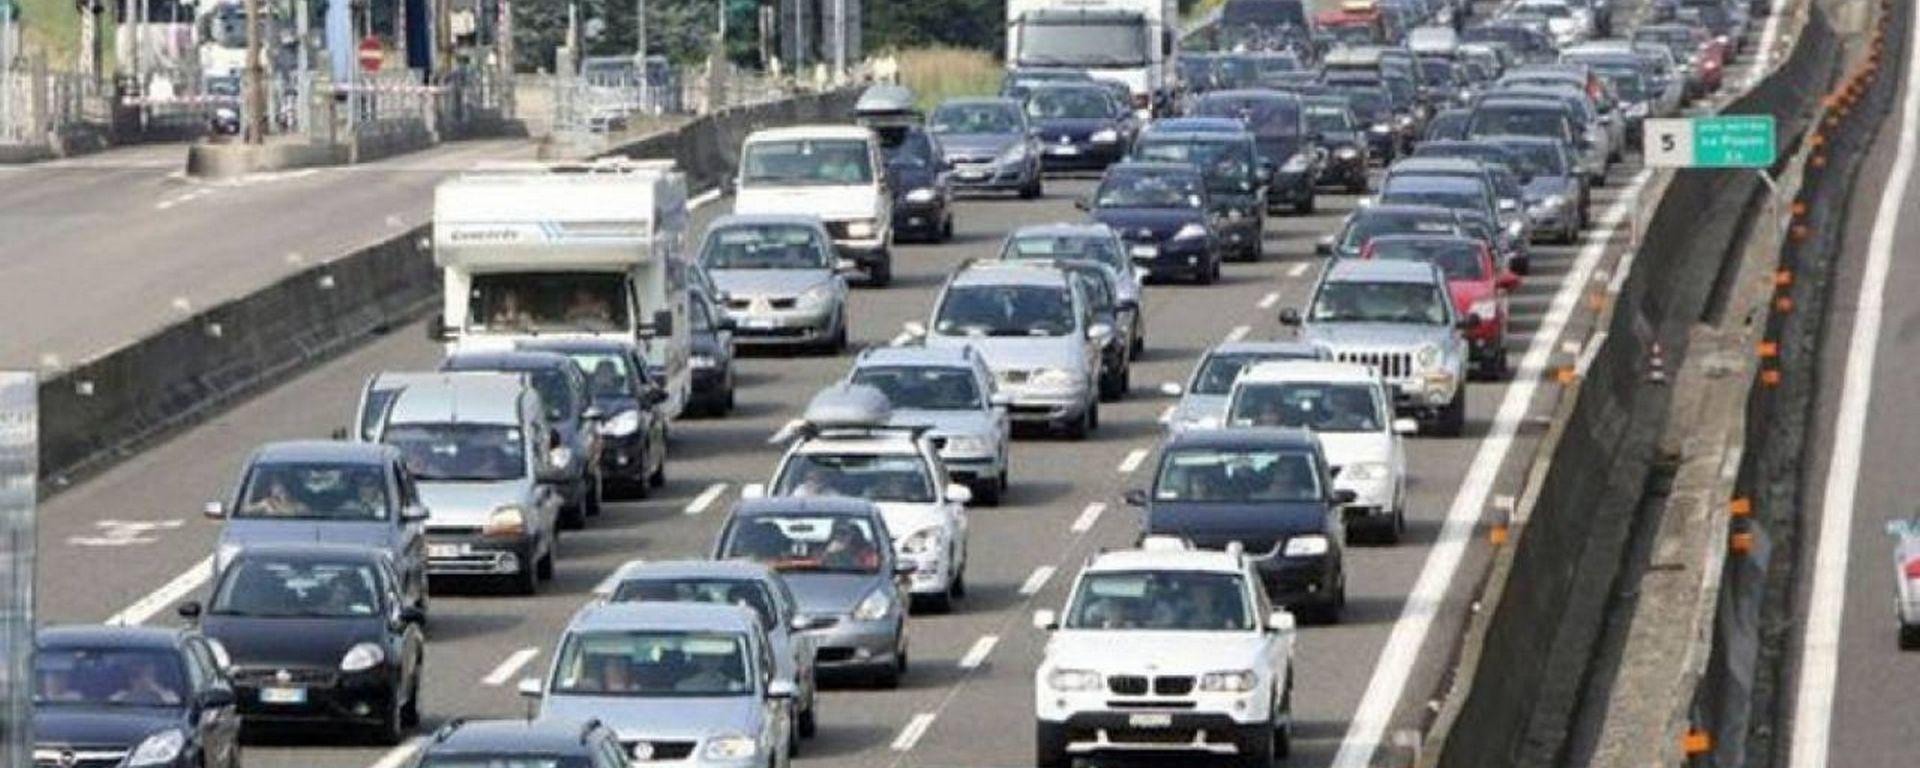 Nuovo Governo, quali misure per il settore auto?